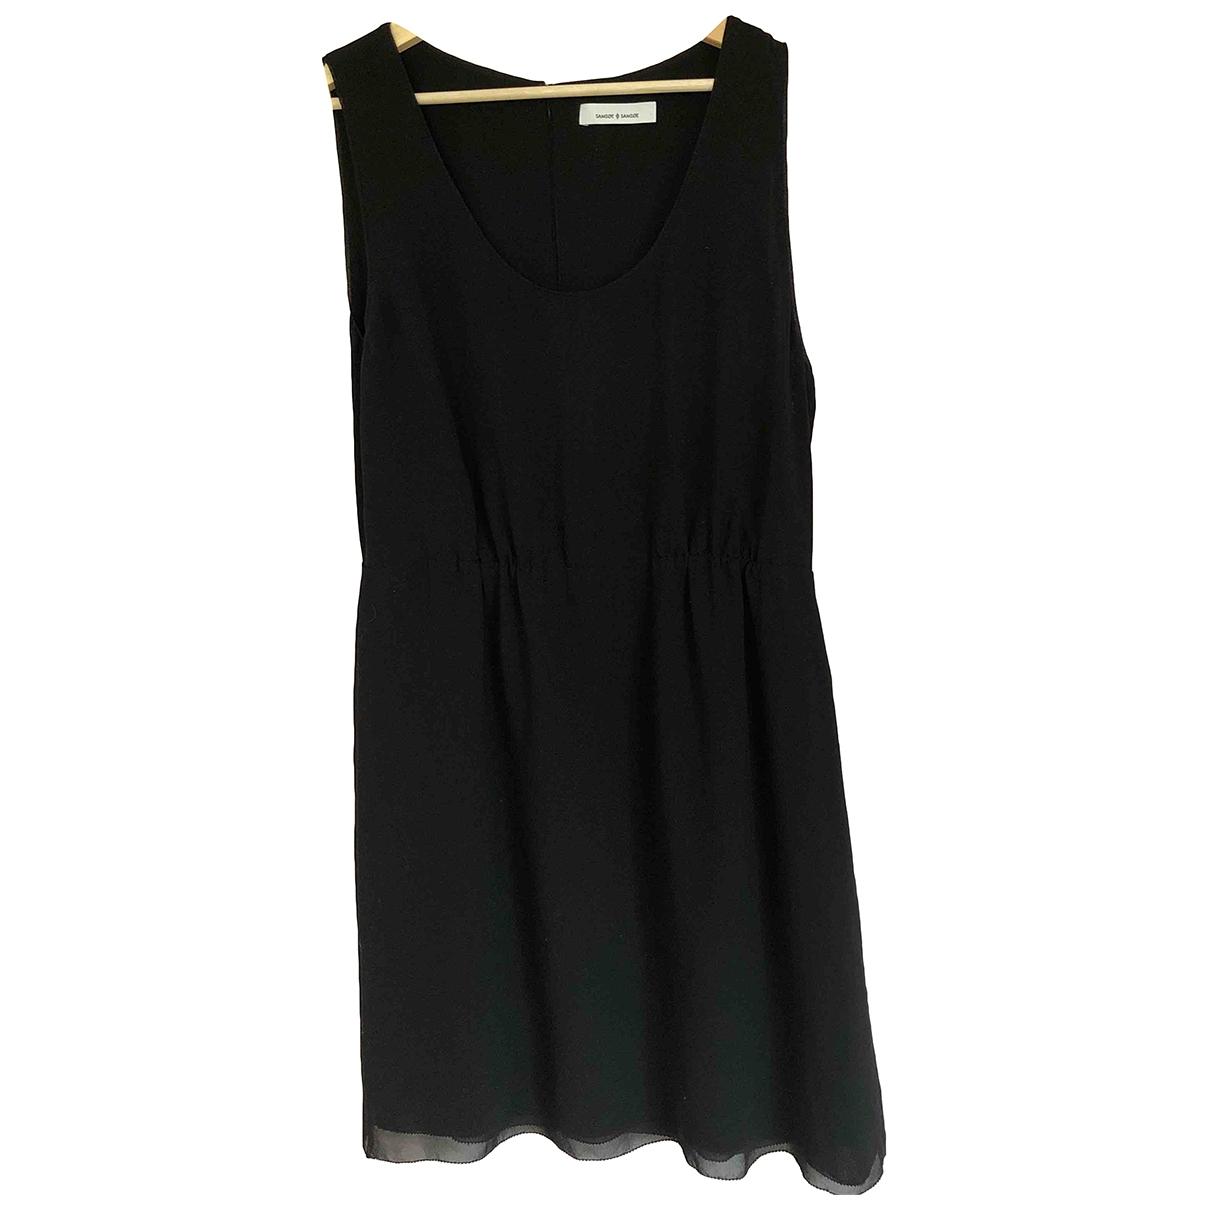 Samsoe & Samsoe \N Black dress for Women 38 FR